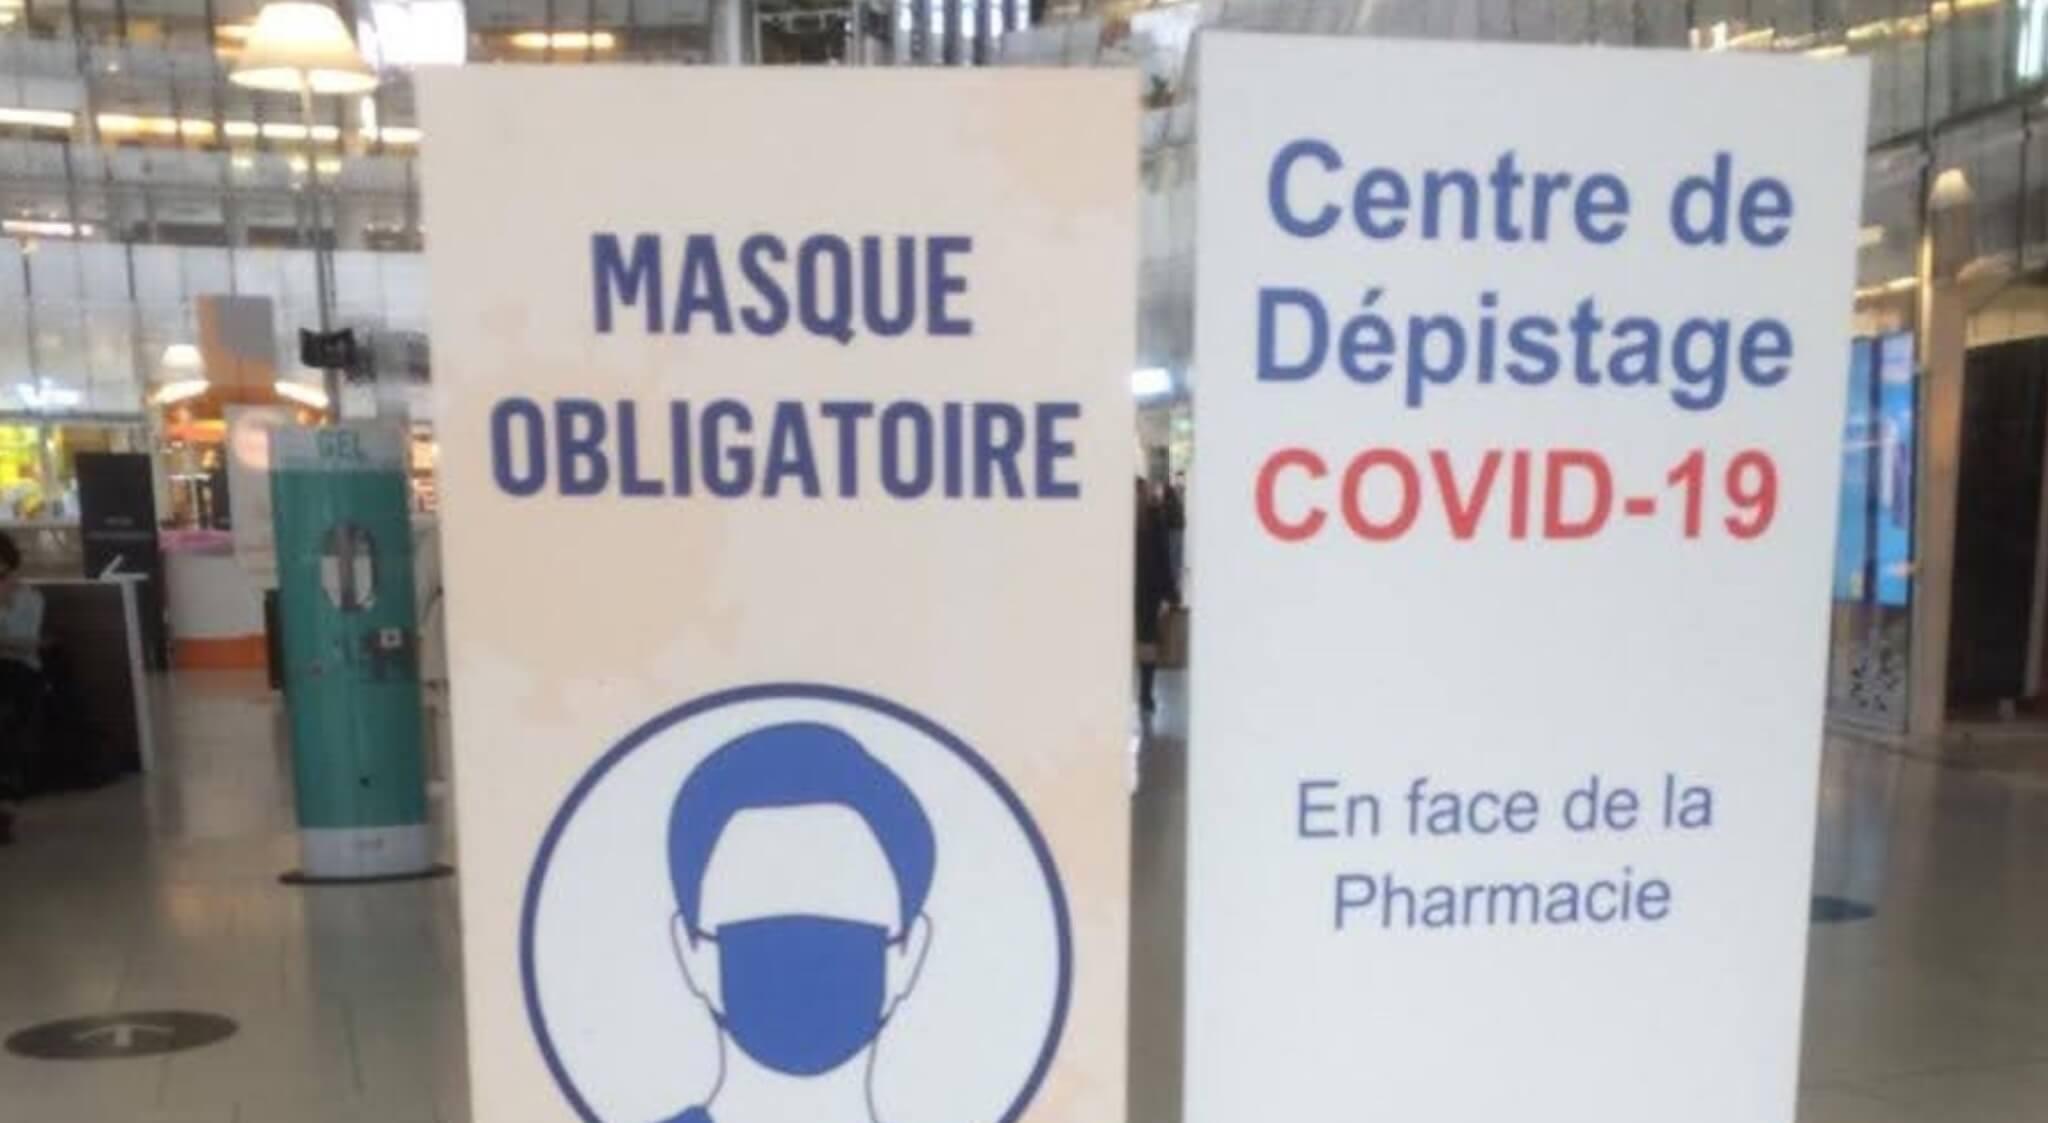 Un nouveau centre de dépistage Covid-19 sans RDV à La Défense